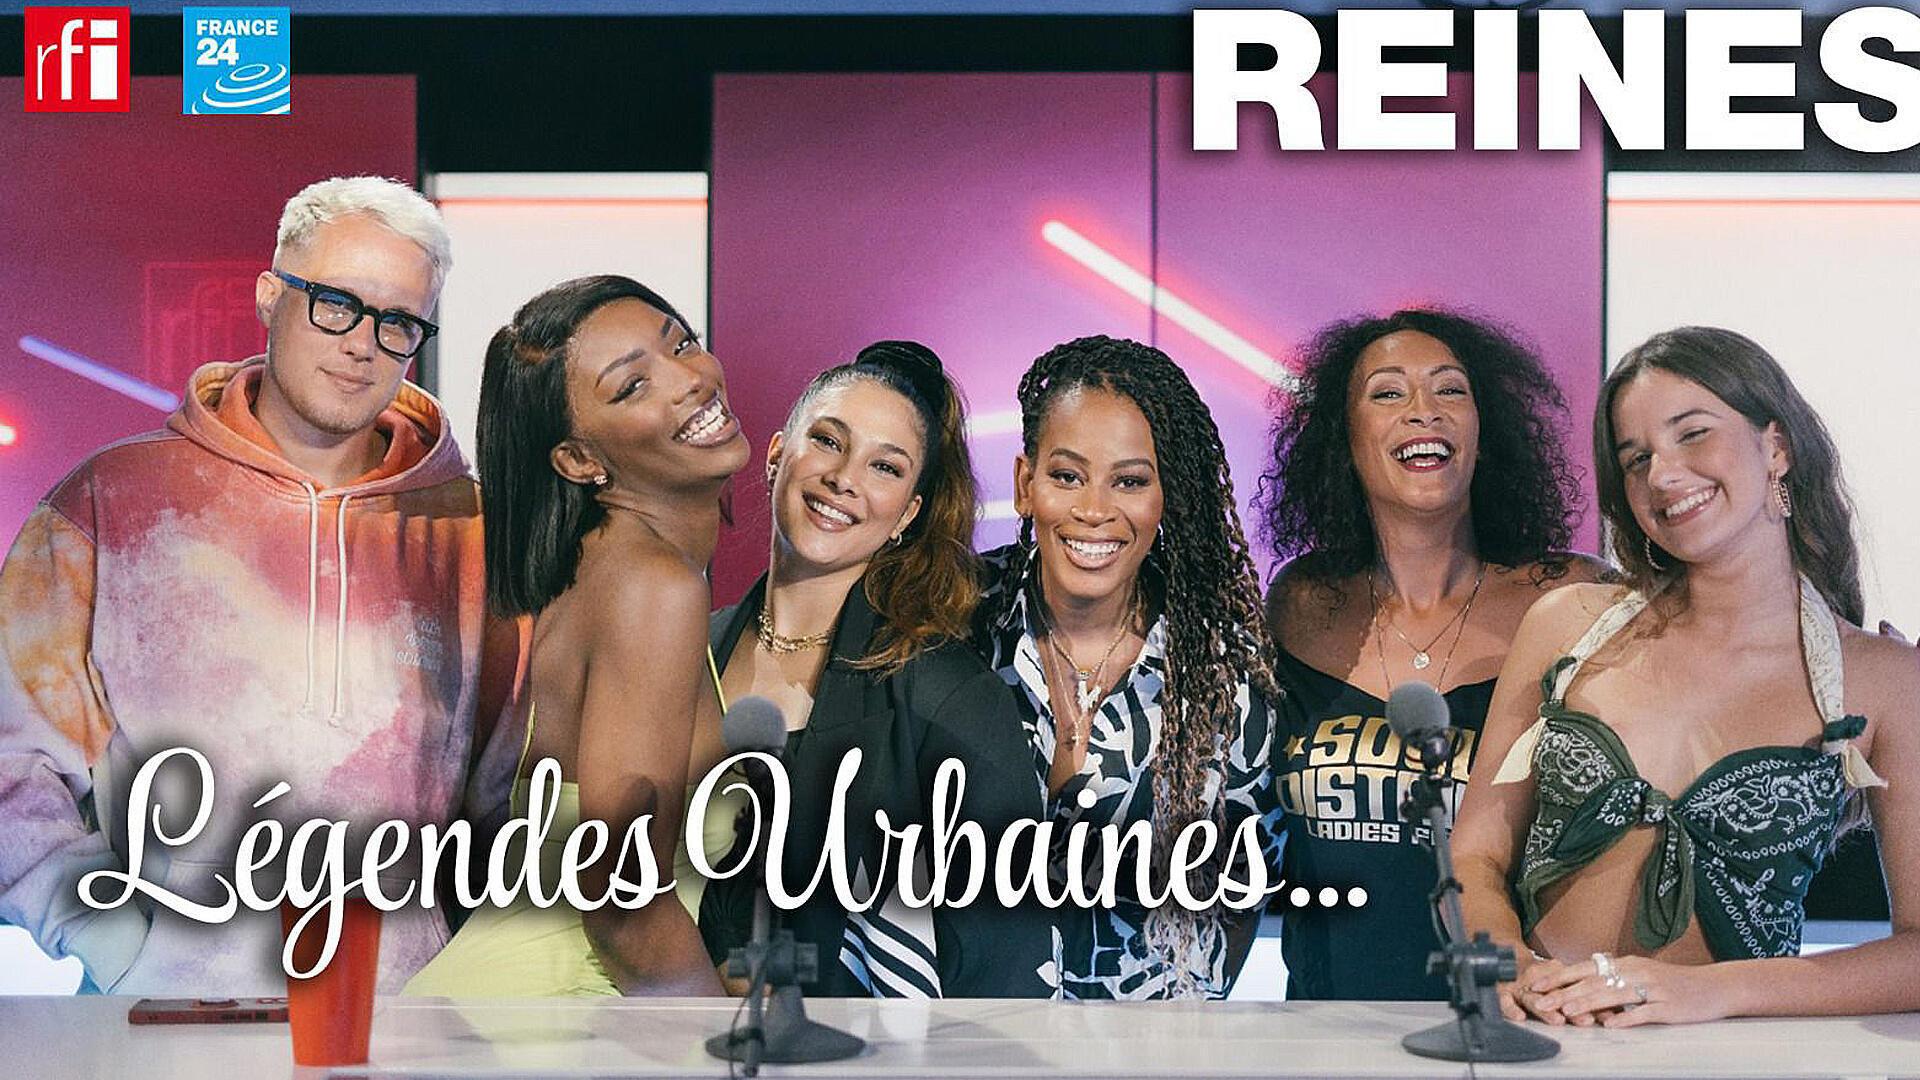 Musique - Légendes urbaines_reines pour l'amour du rap - Juliette Fievet - 23 10 2021